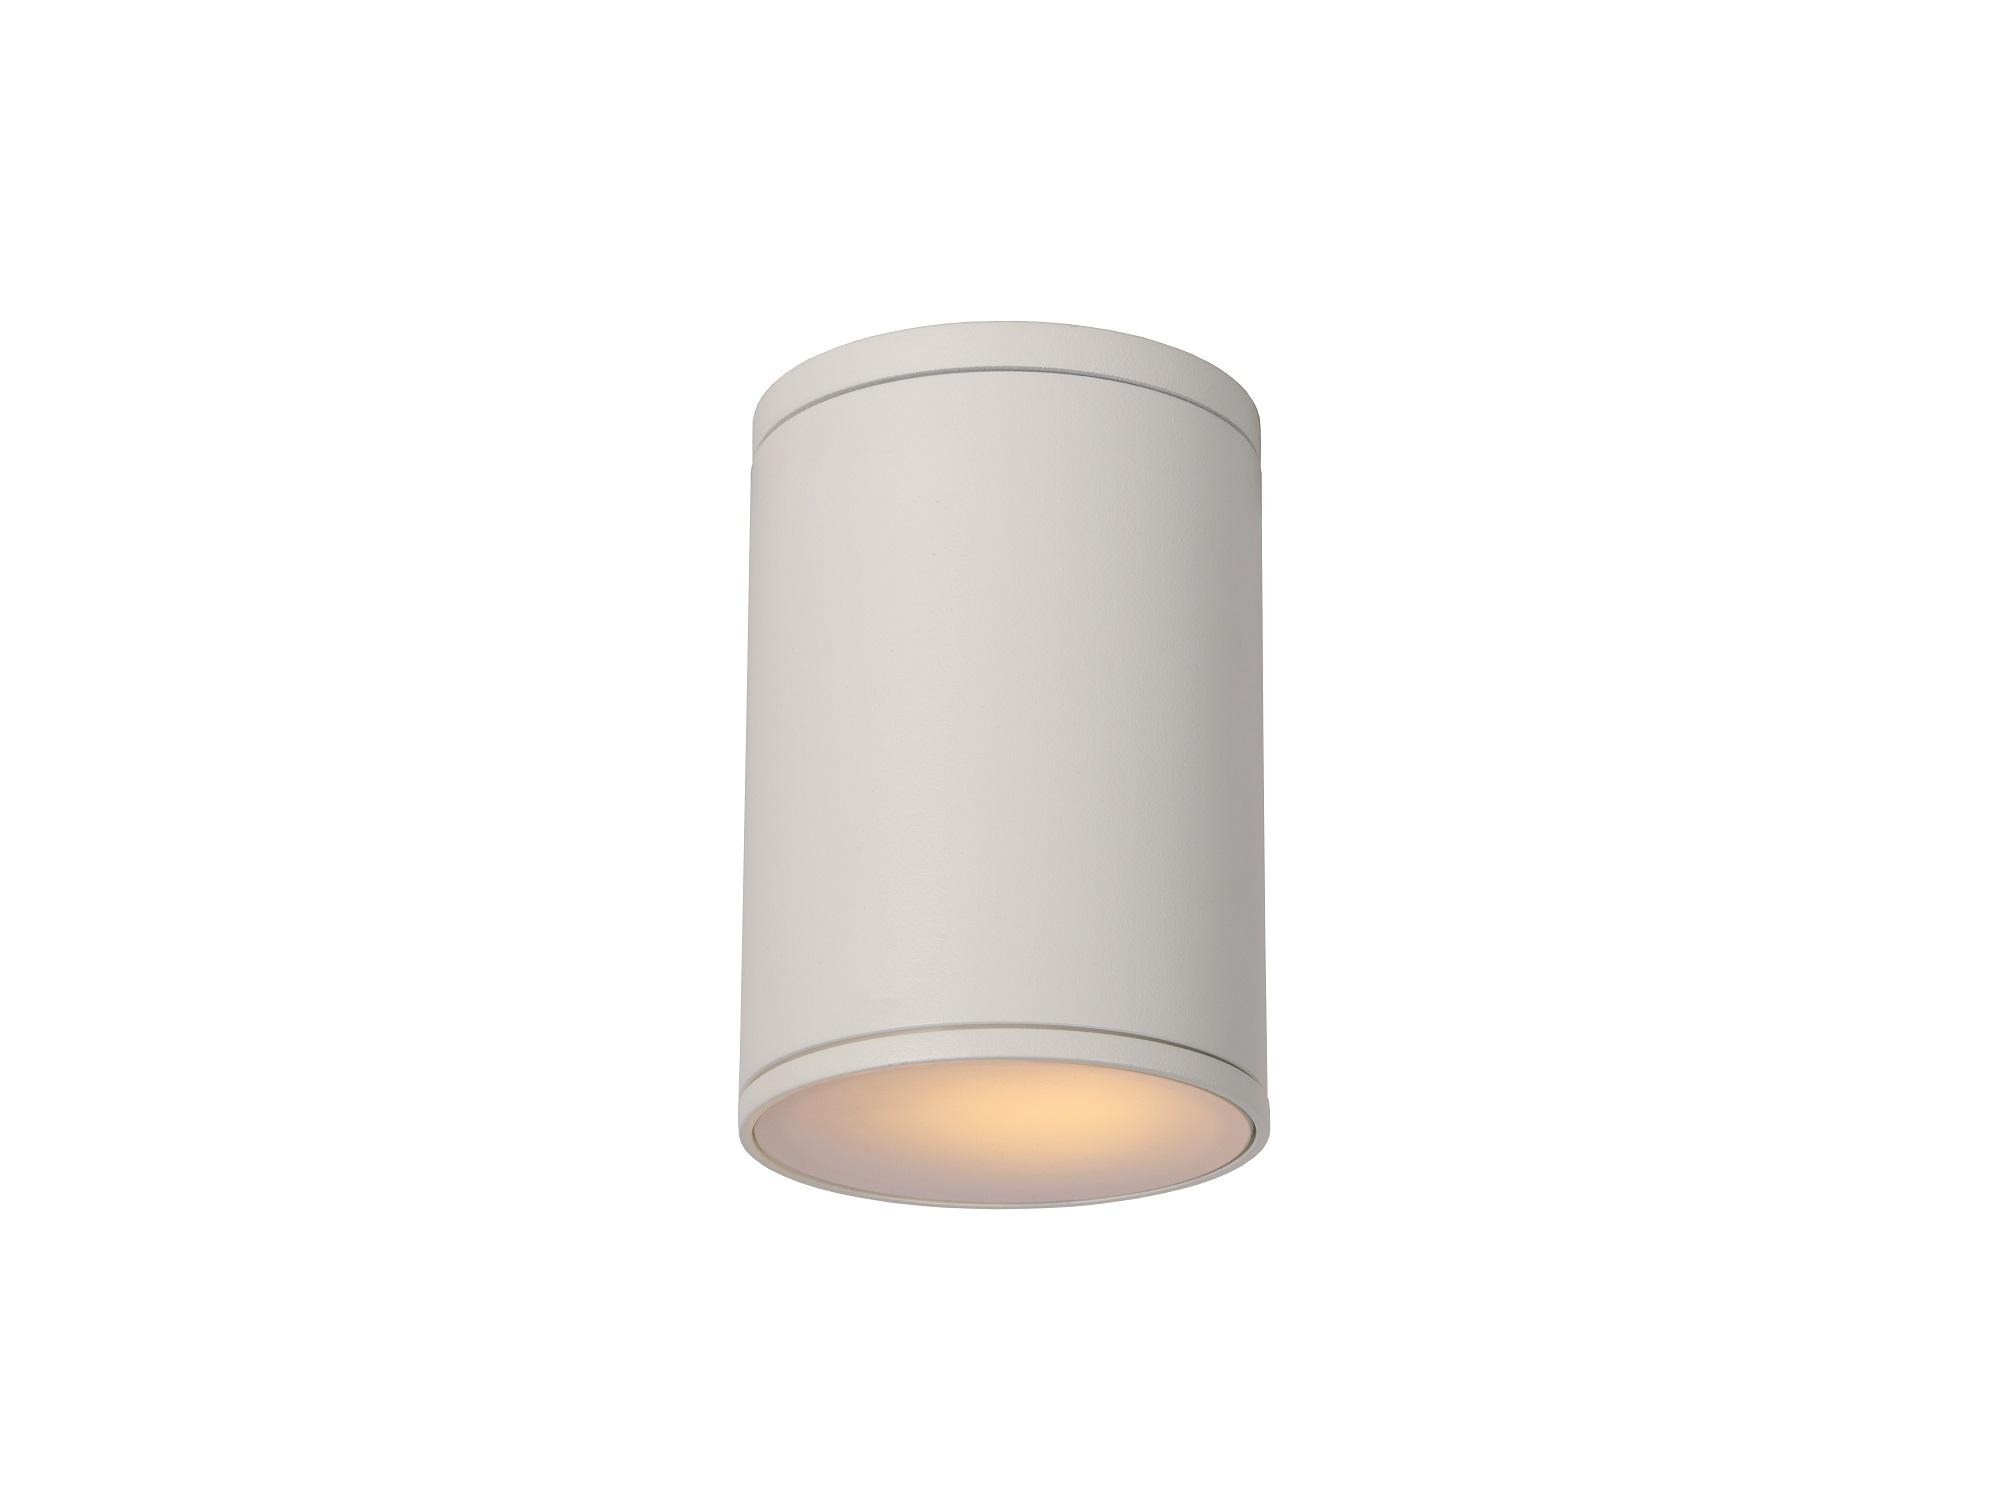 Потолочный светильник TubixУличные подвесные и потолочные светильники<br>&amp;lt;div&amp;gt;&amp;lt;div&amp;gt;Вид цоколя: E27&amp;lt;/div&amp;gt;&amp;lt;div&amp;gt;Мощность: &amp;amp;nbsp;60W&amp;amp;nbsp;&amp;lt;/div&amp;gt;&amp;lt;div&amp;gt;Количество ламп: 1 (нет в комплекте)&amp;lt;/div&amp;gt;&amp;amp;nbsp;<br>&amp;lt;div&amp;gt;&amp;lt;br&amp;gt;&amp;lt;/div&amp;gt;&amp;lt;/div&amp;gt;<br><br>Material: Металл<br>Высота см: 15